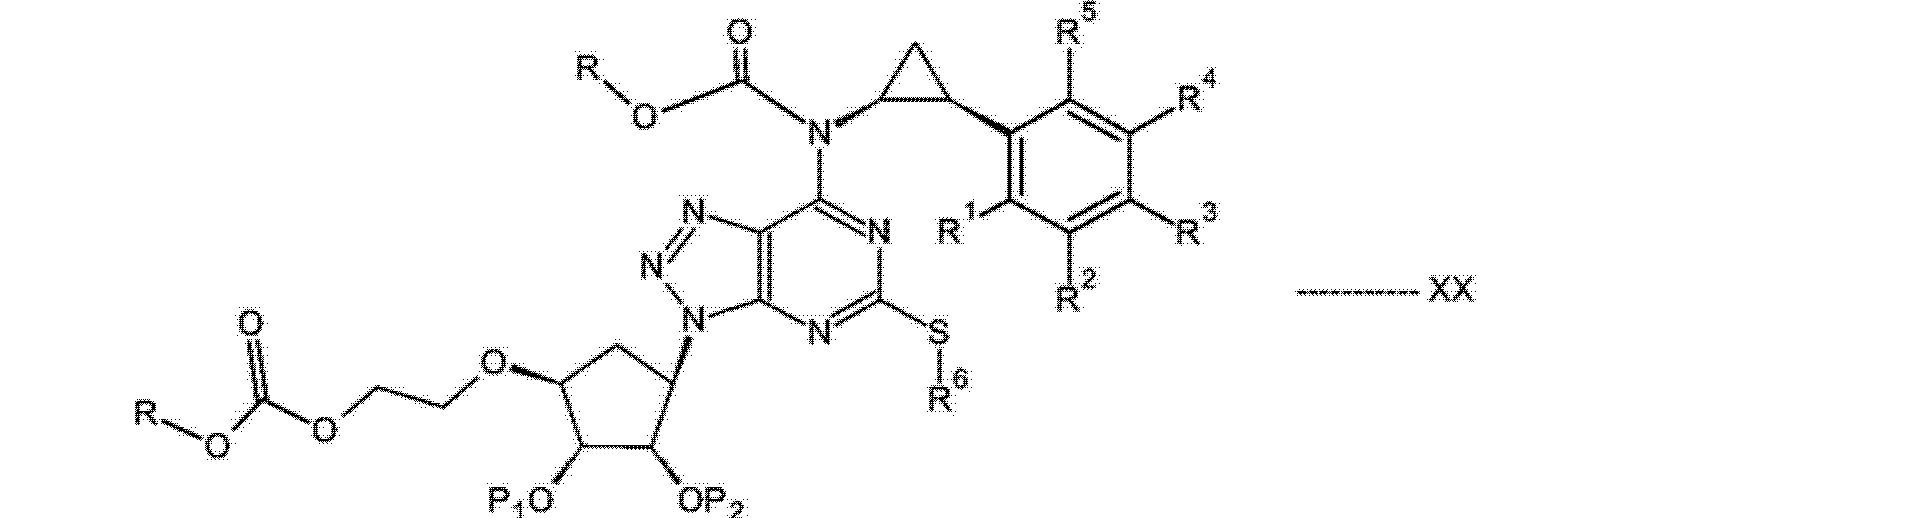 Figure CN103429576AC00172